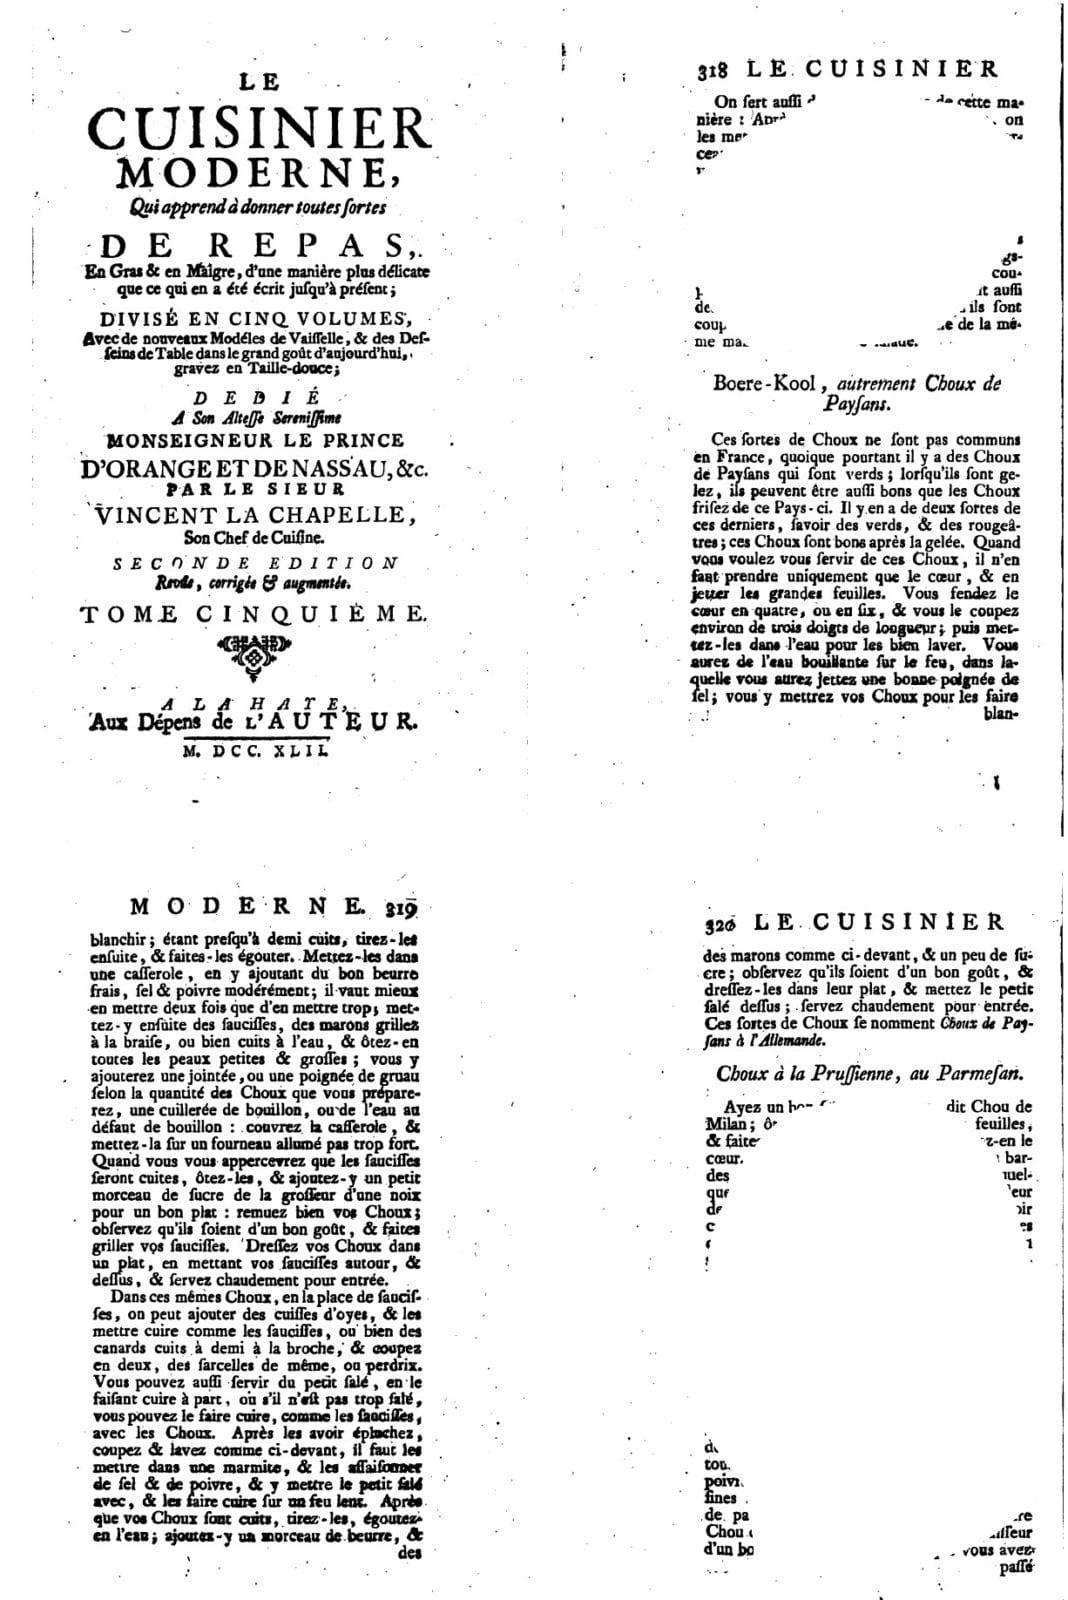 Boerenkool met gort en kastanjes - boek Vincent La Chapelle bij elkaar